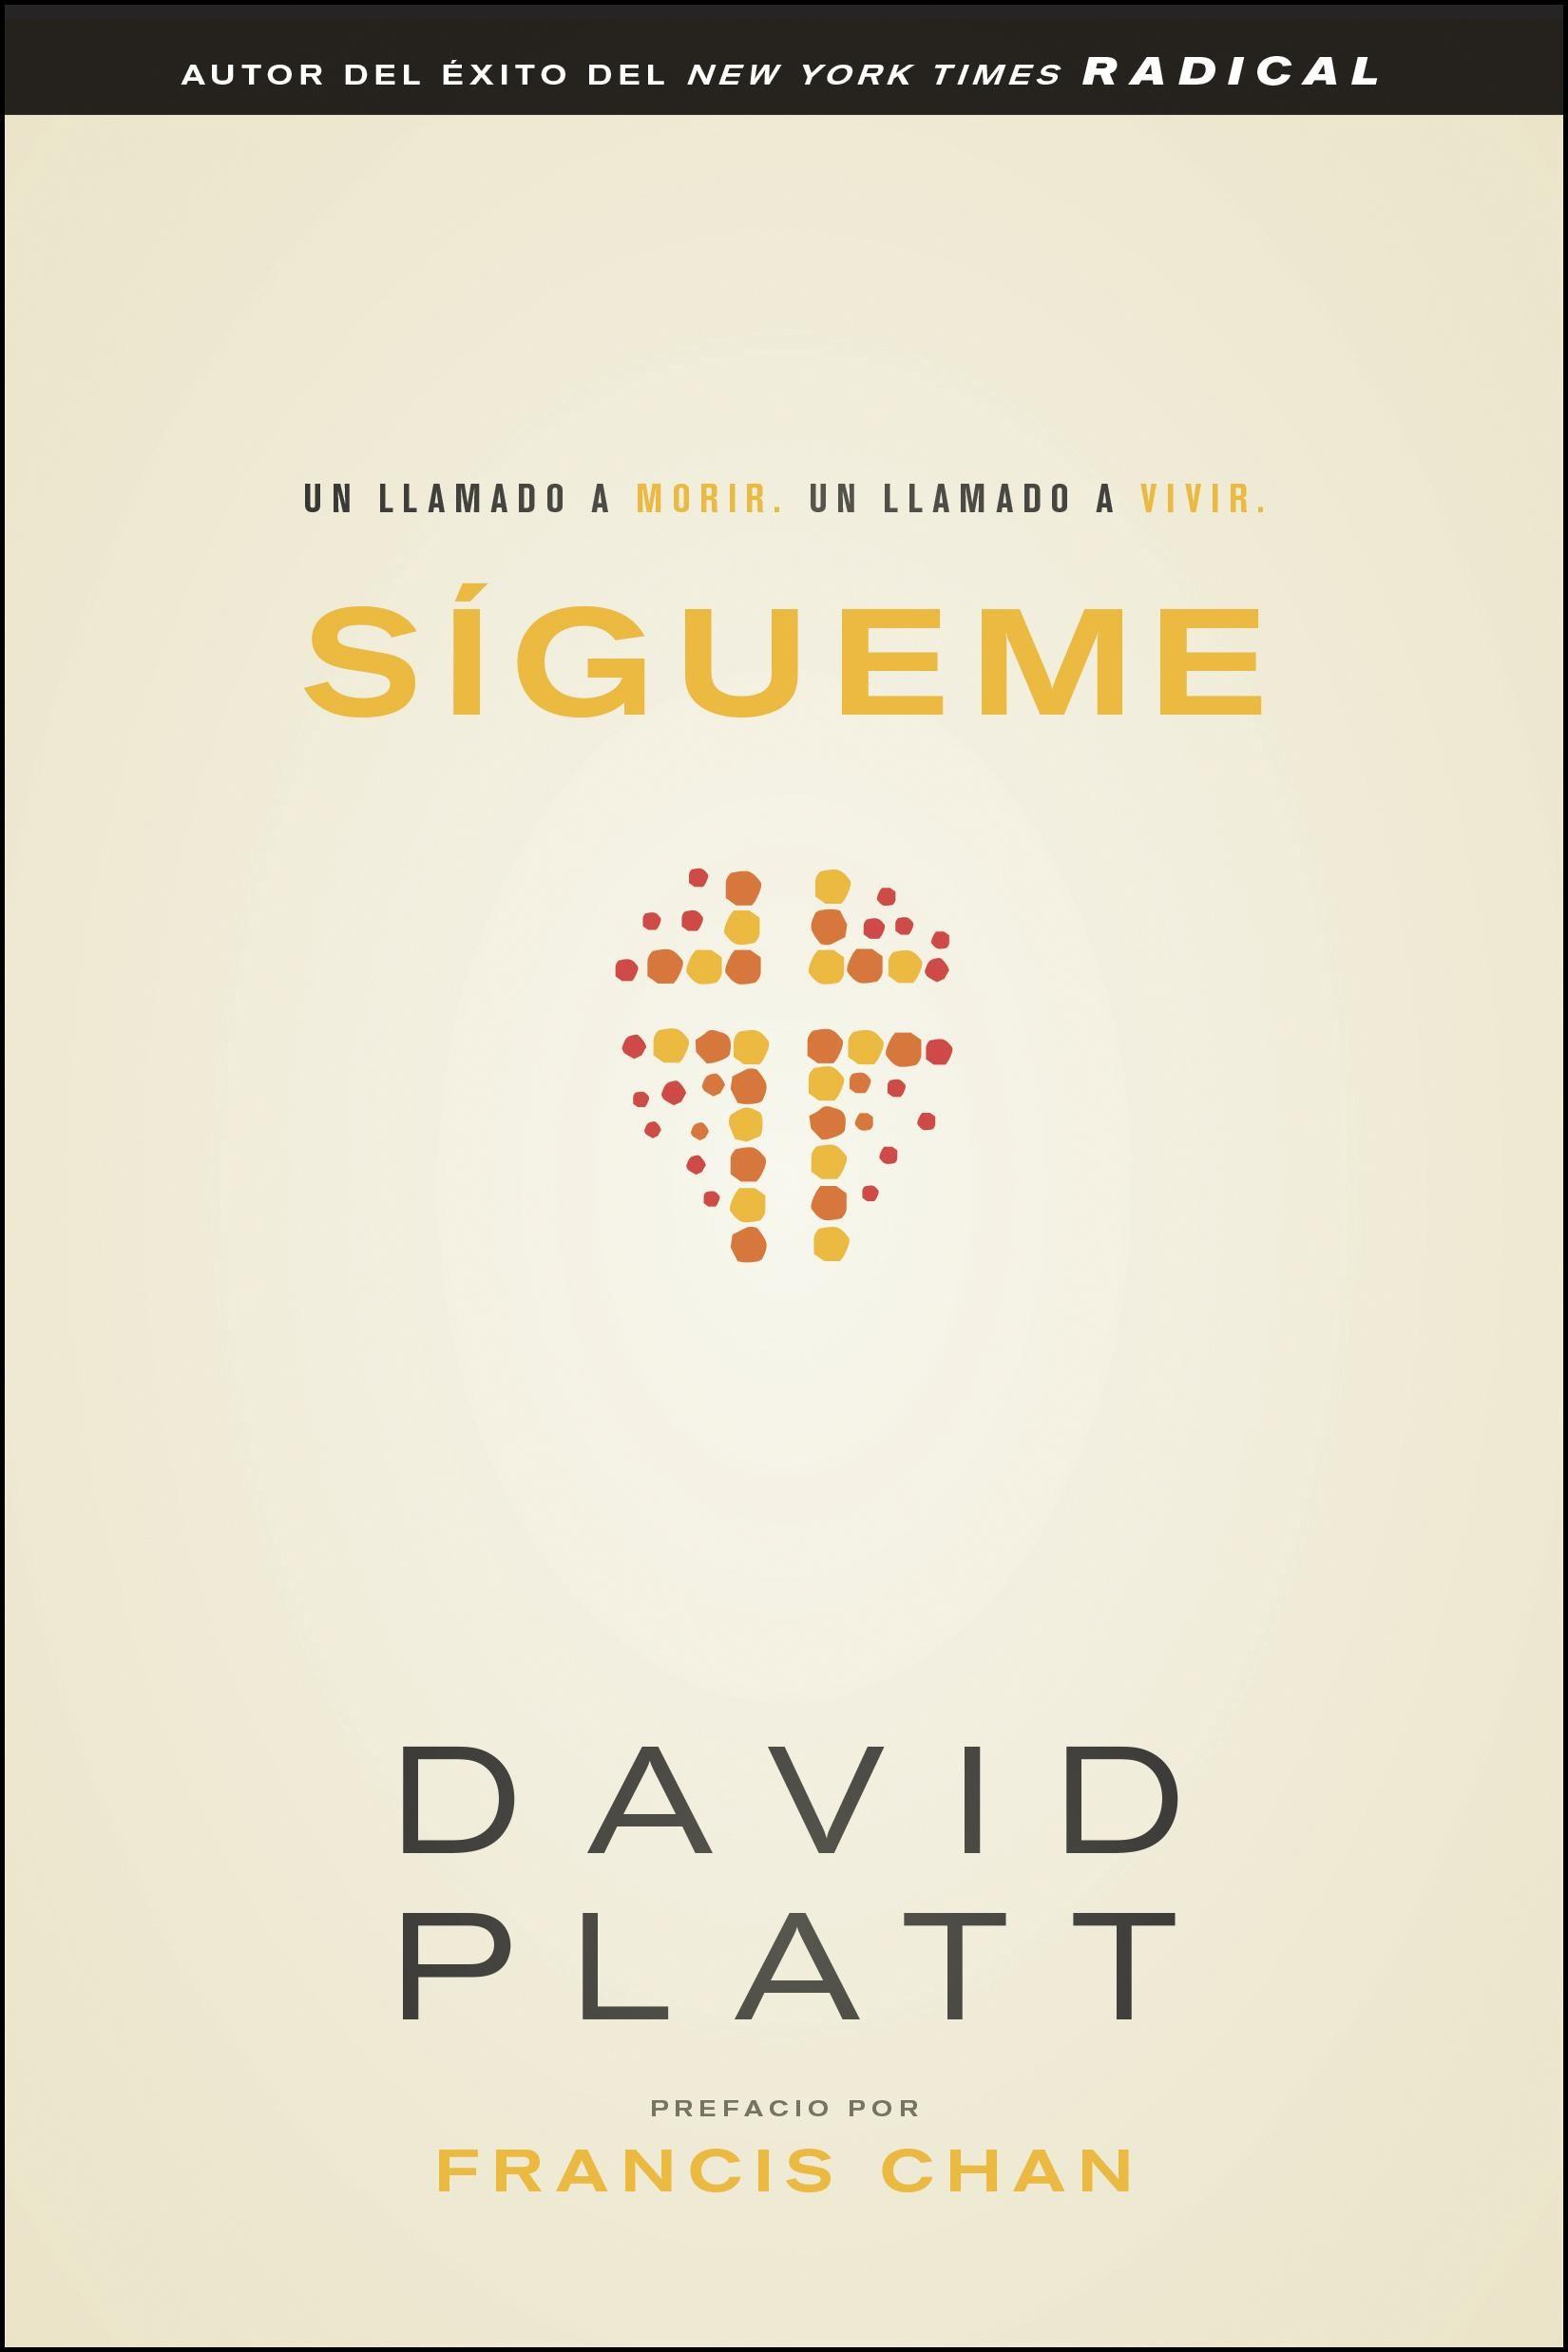 Sígueme: Follow Me - 9781414375649 - Platt, David